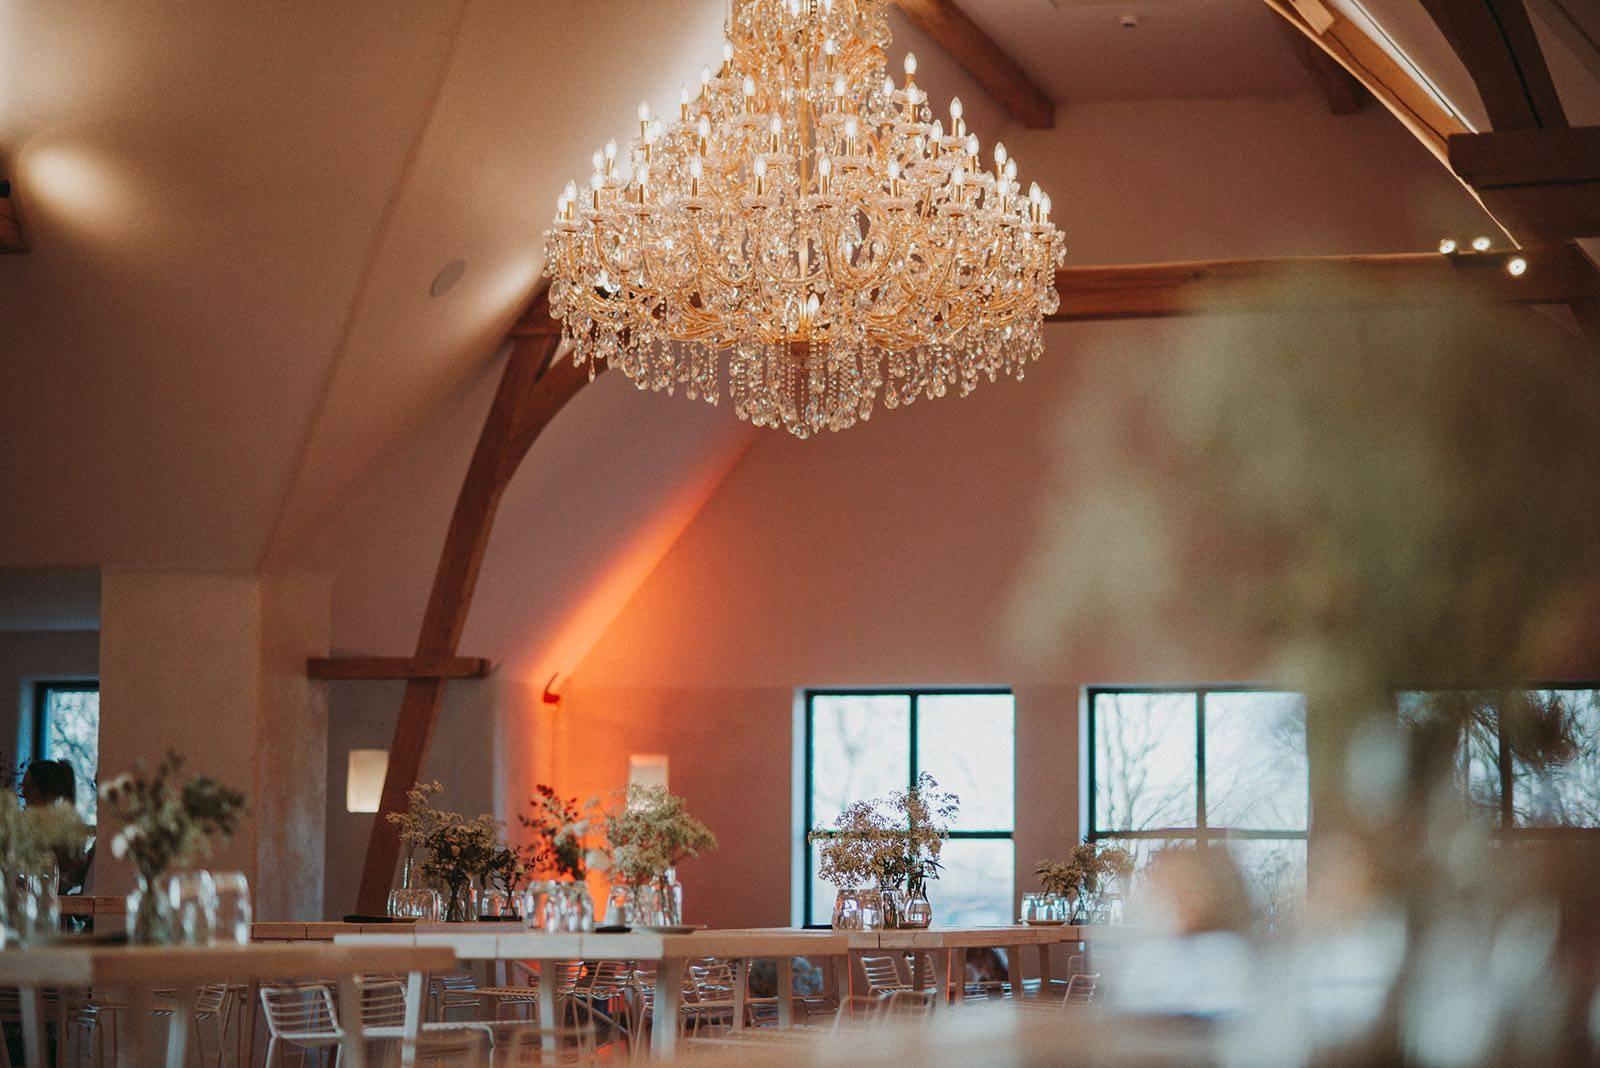 Hove van Herpelgem - Feestzaal Kluisbergen - Trouwzaal - House of Weddings - 3